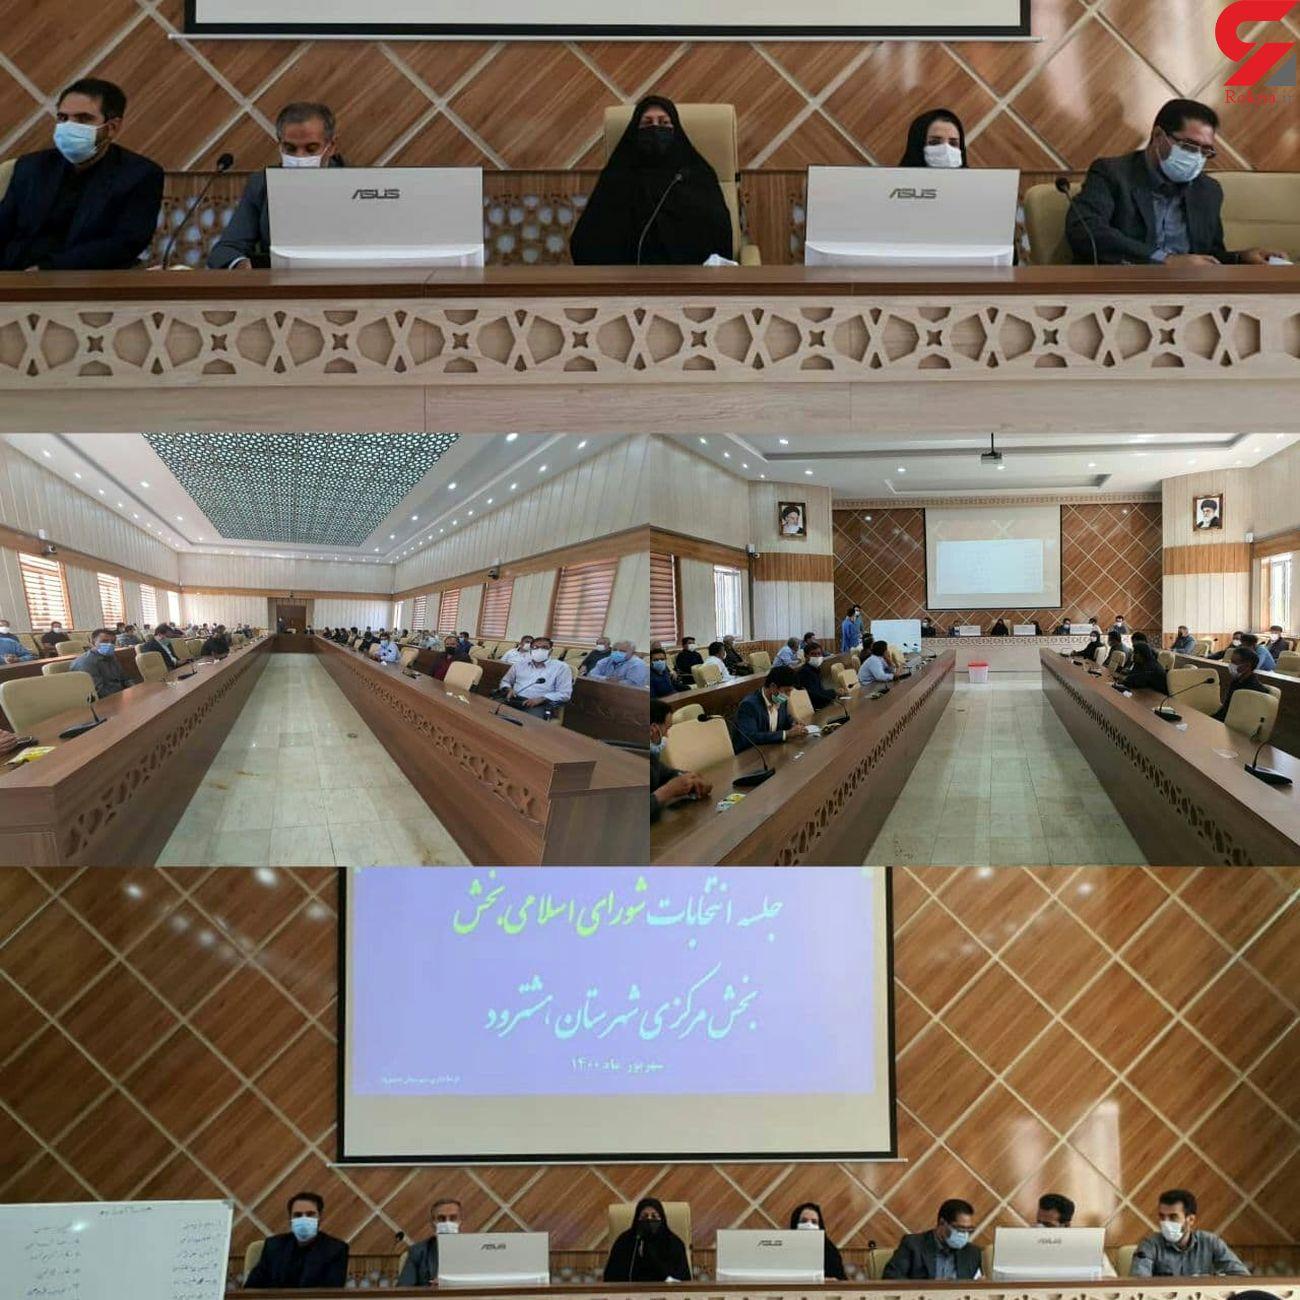 اعضای اصلی شورای اسلامی بخش مرکزی هشترود مشخص شدند